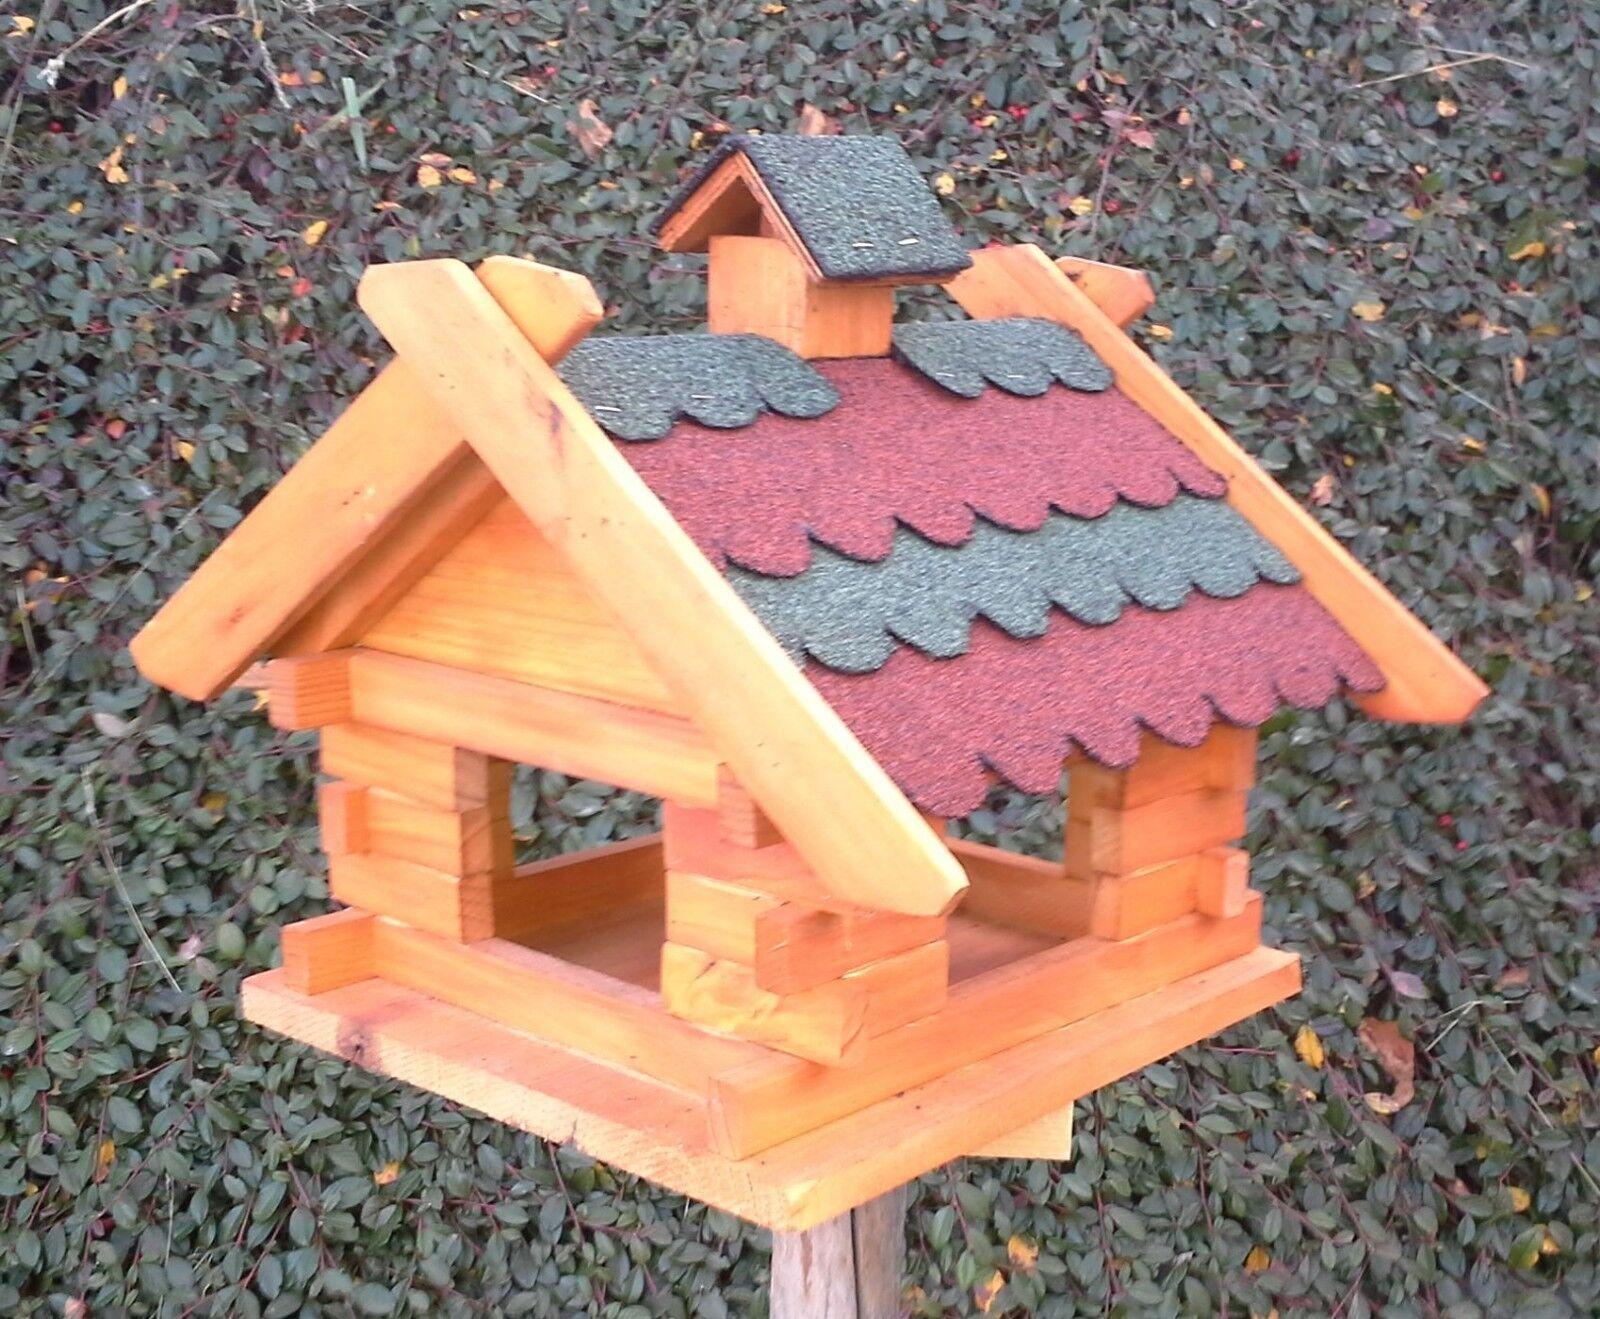 Vogelhaus Vogelhaus Vogelhaus - Futterhaus - Vogelhäuschen - Holz - rot-grün - XL 46 X 34 X 40 cm | Online-Shop  | Erlesene Materialien  | Der Schatz des Kindes, unser Glück  b5e885